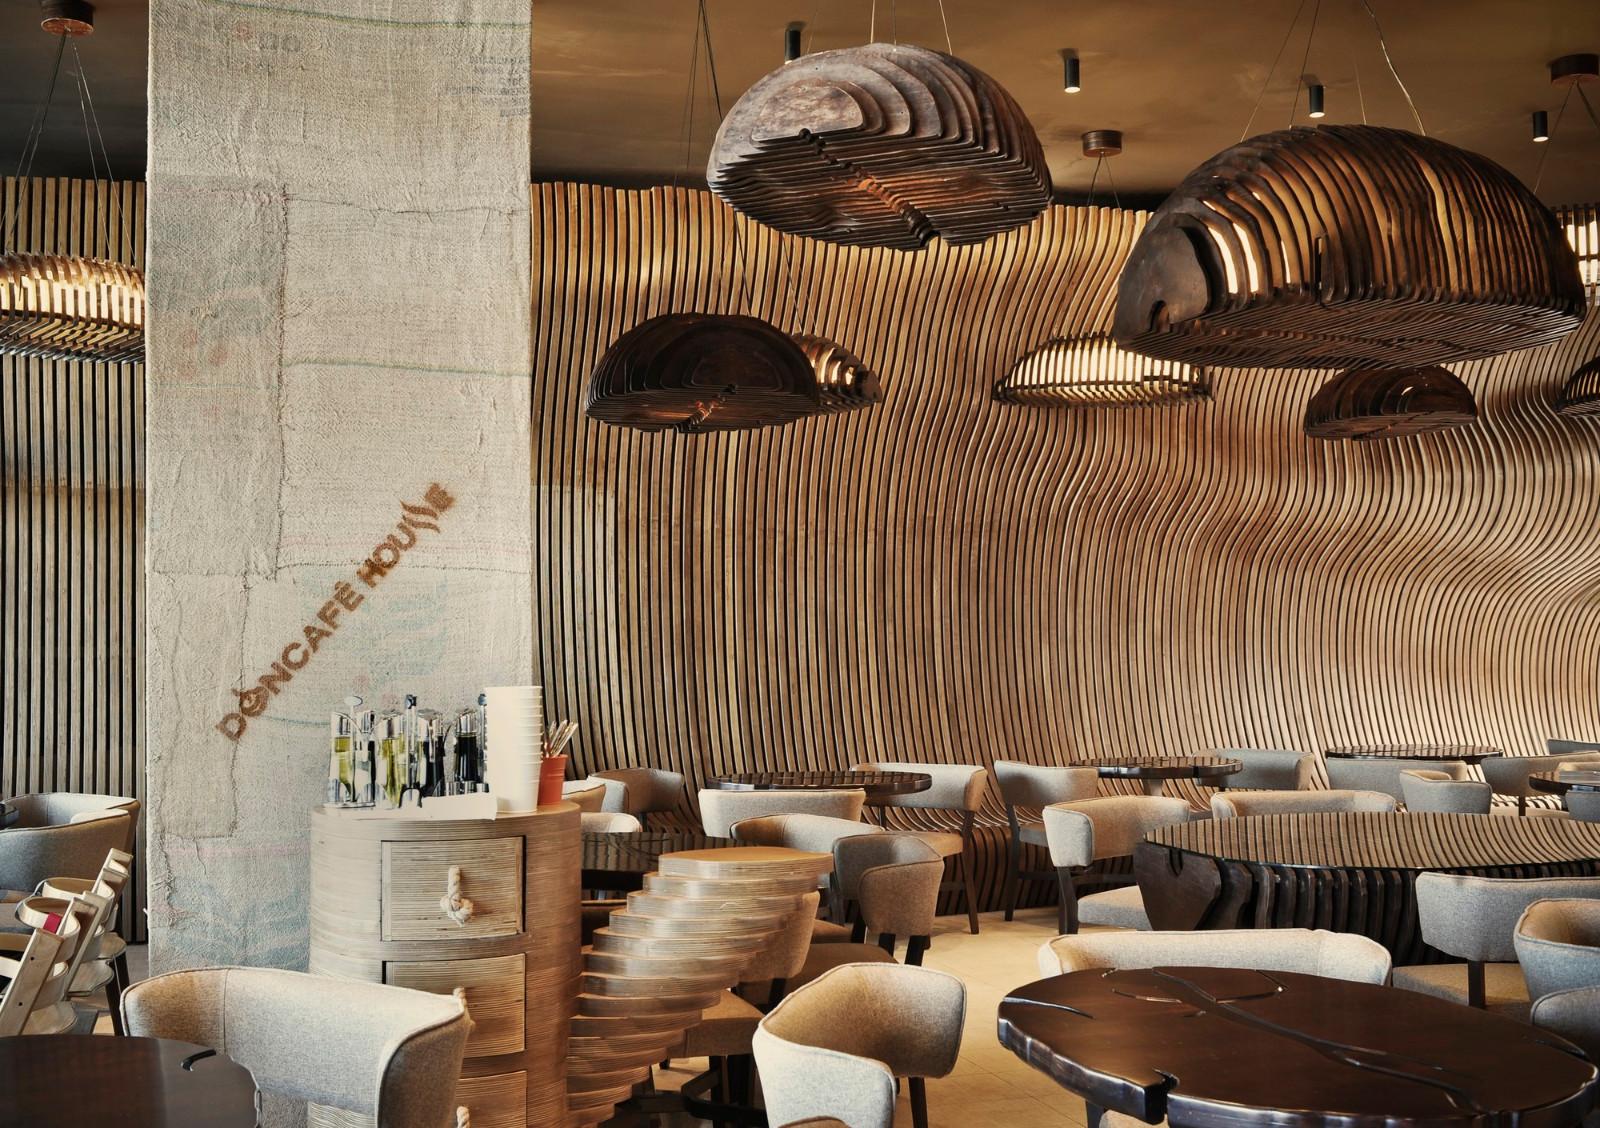 Café House咖啡厅餐厅就餐区设计